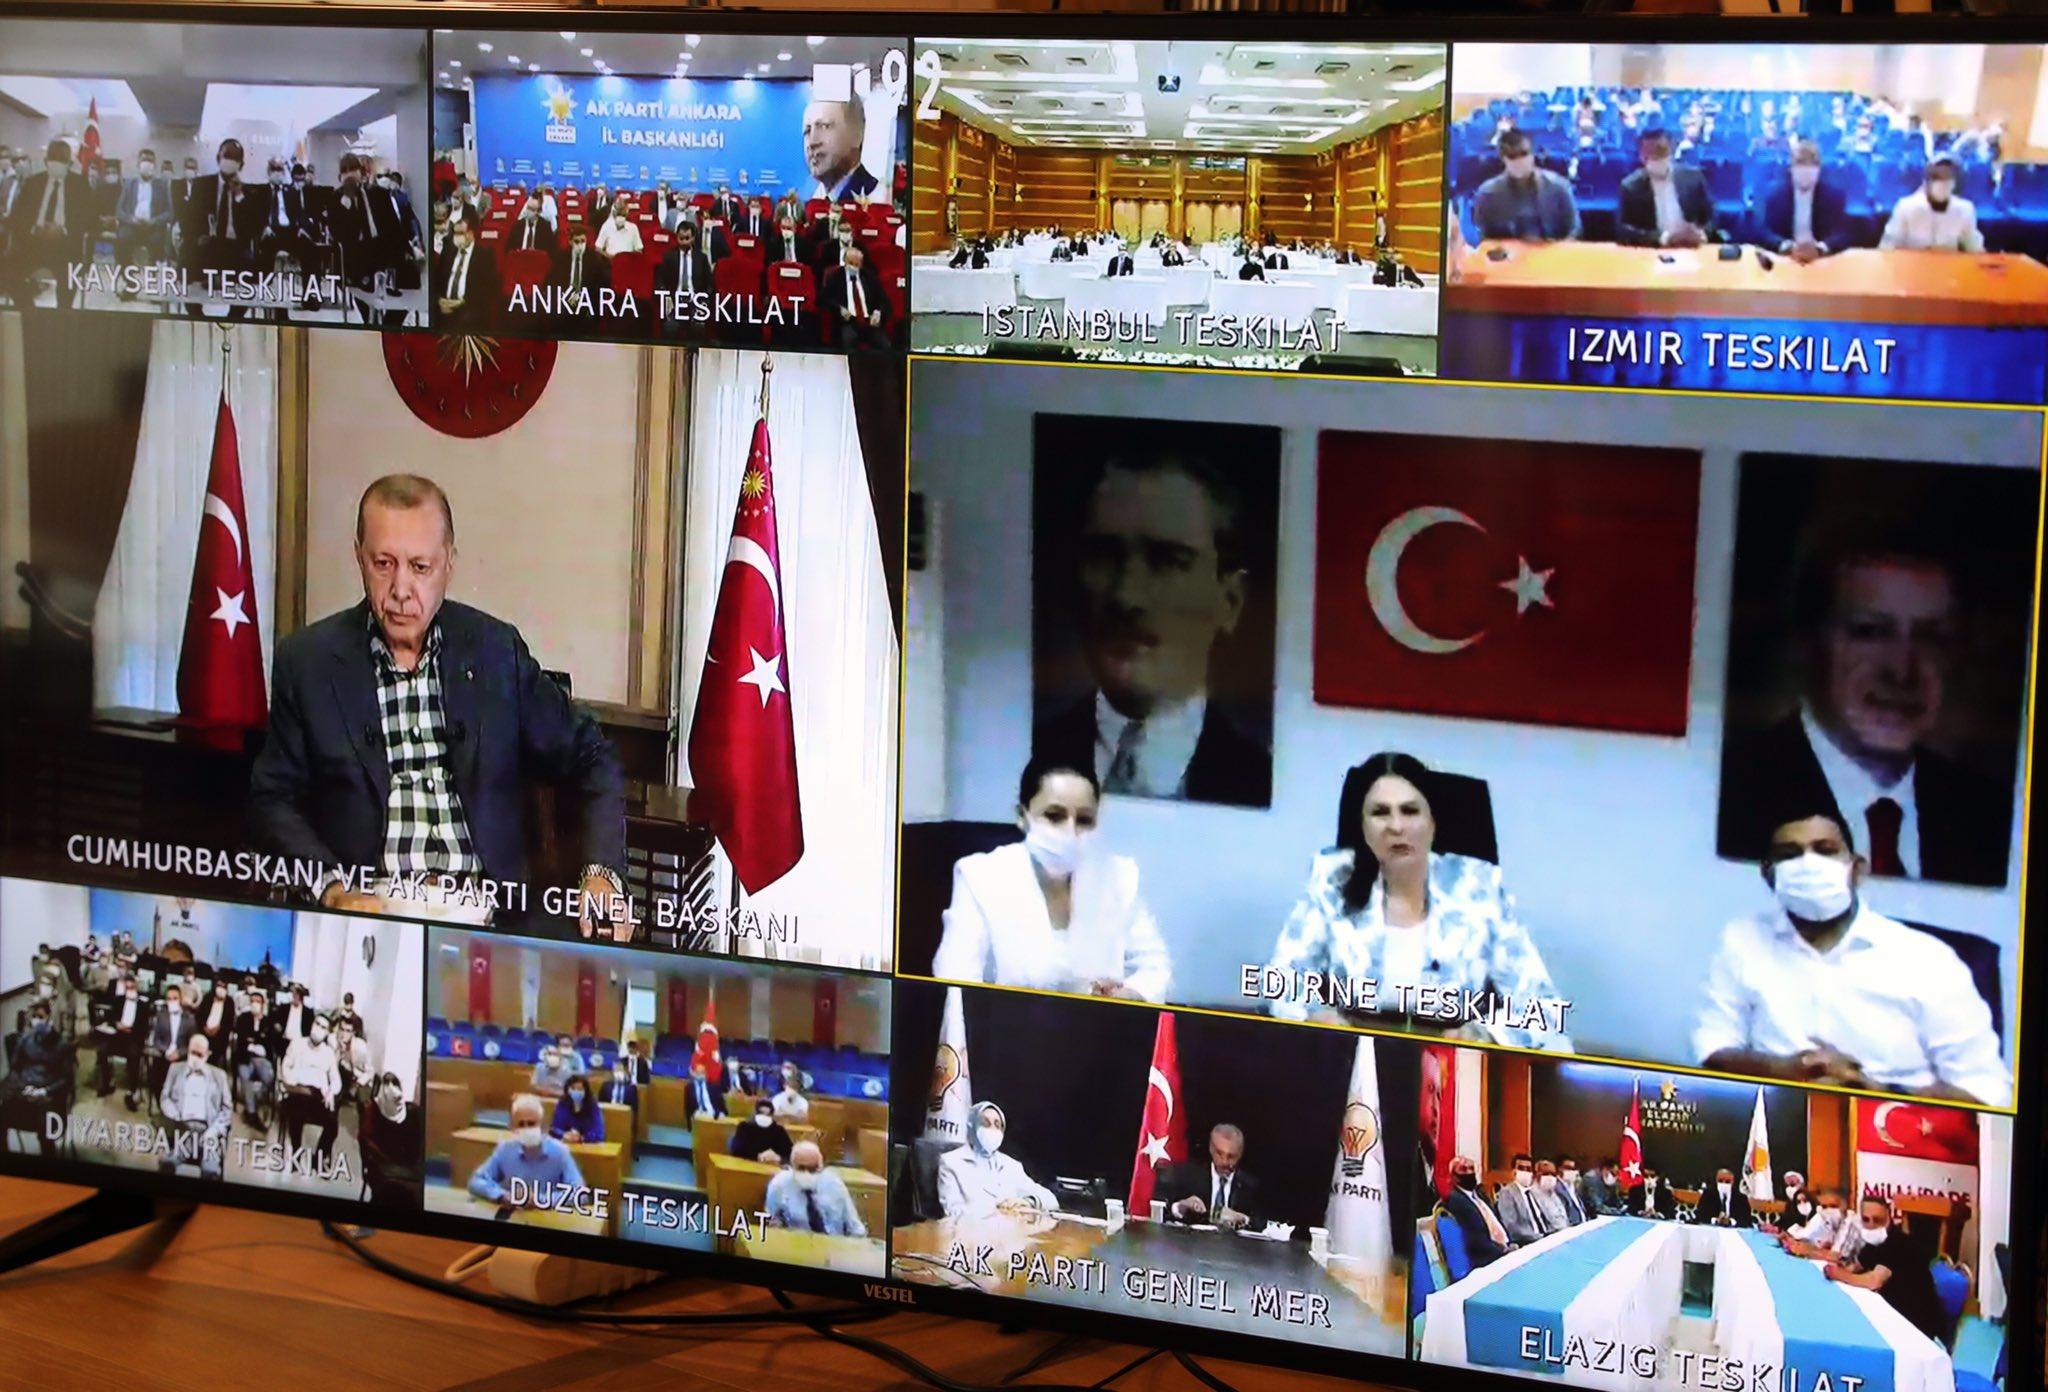 Cumhurbaşkanı Erdoğan AK parti teşkilatlarıyla bayramlaştı